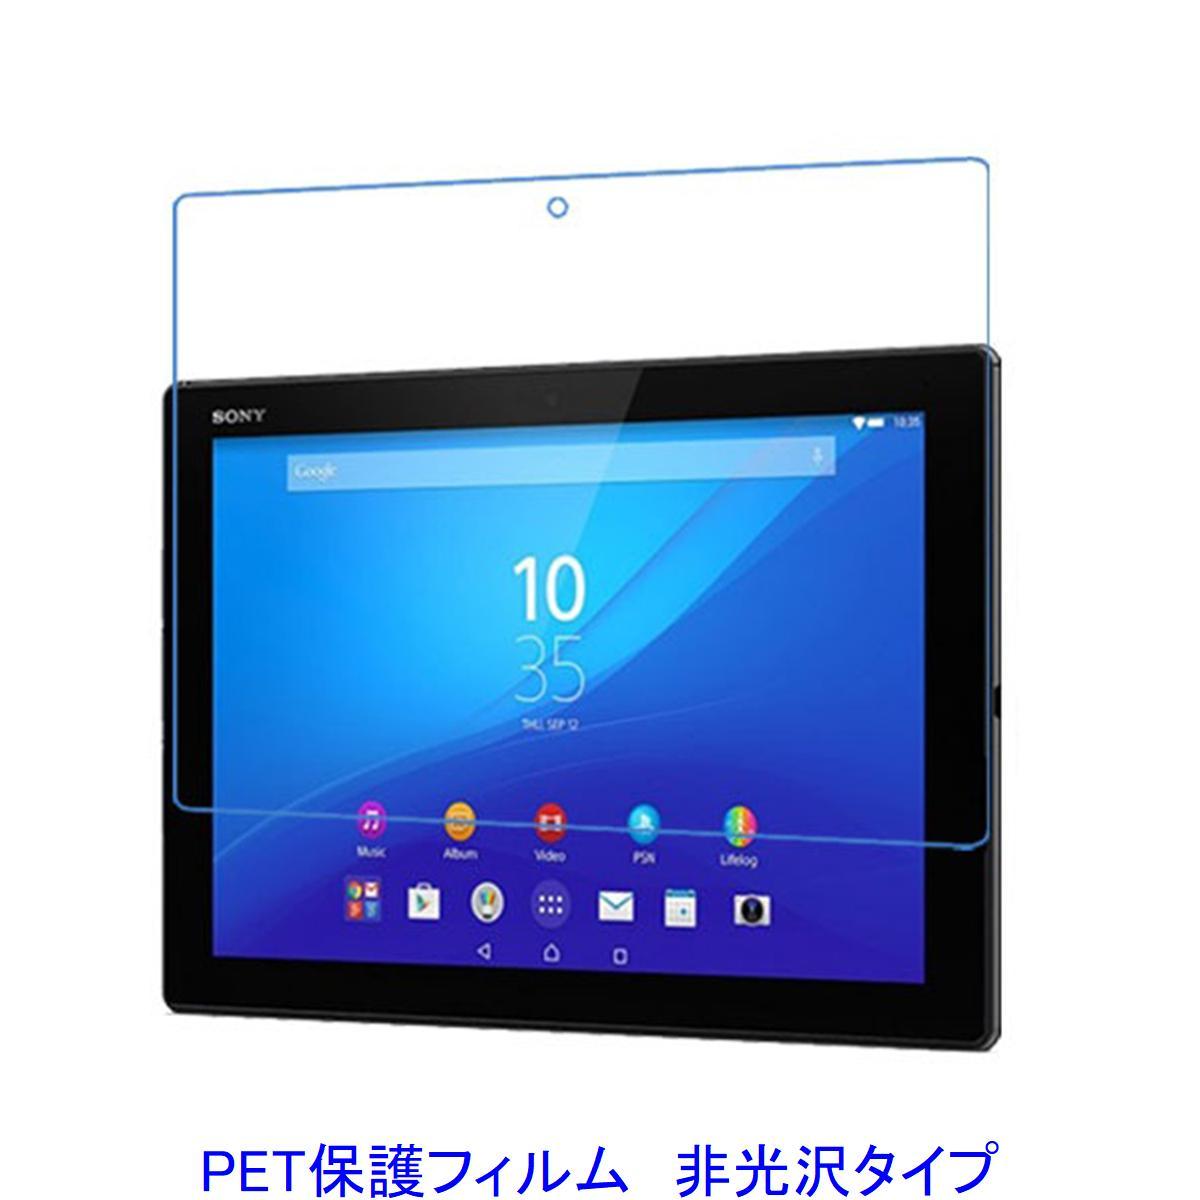 タブレットPCアクセサリー, タブレット用液晶保護フィルム Xperia Z4 Tablet 10.1